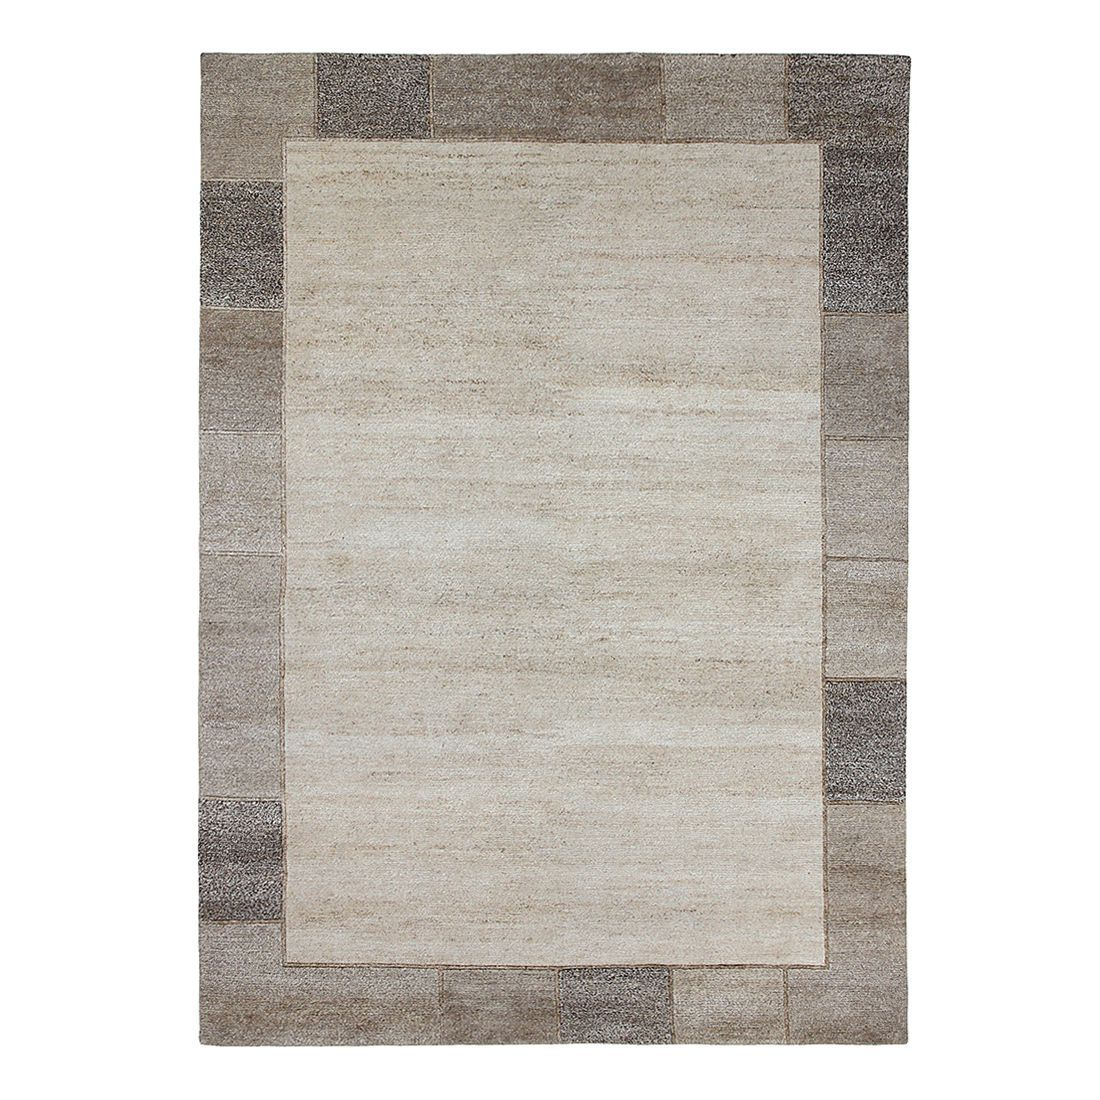 Teppich Hochflor 200 X 300 Teppich Berber Casa Berber